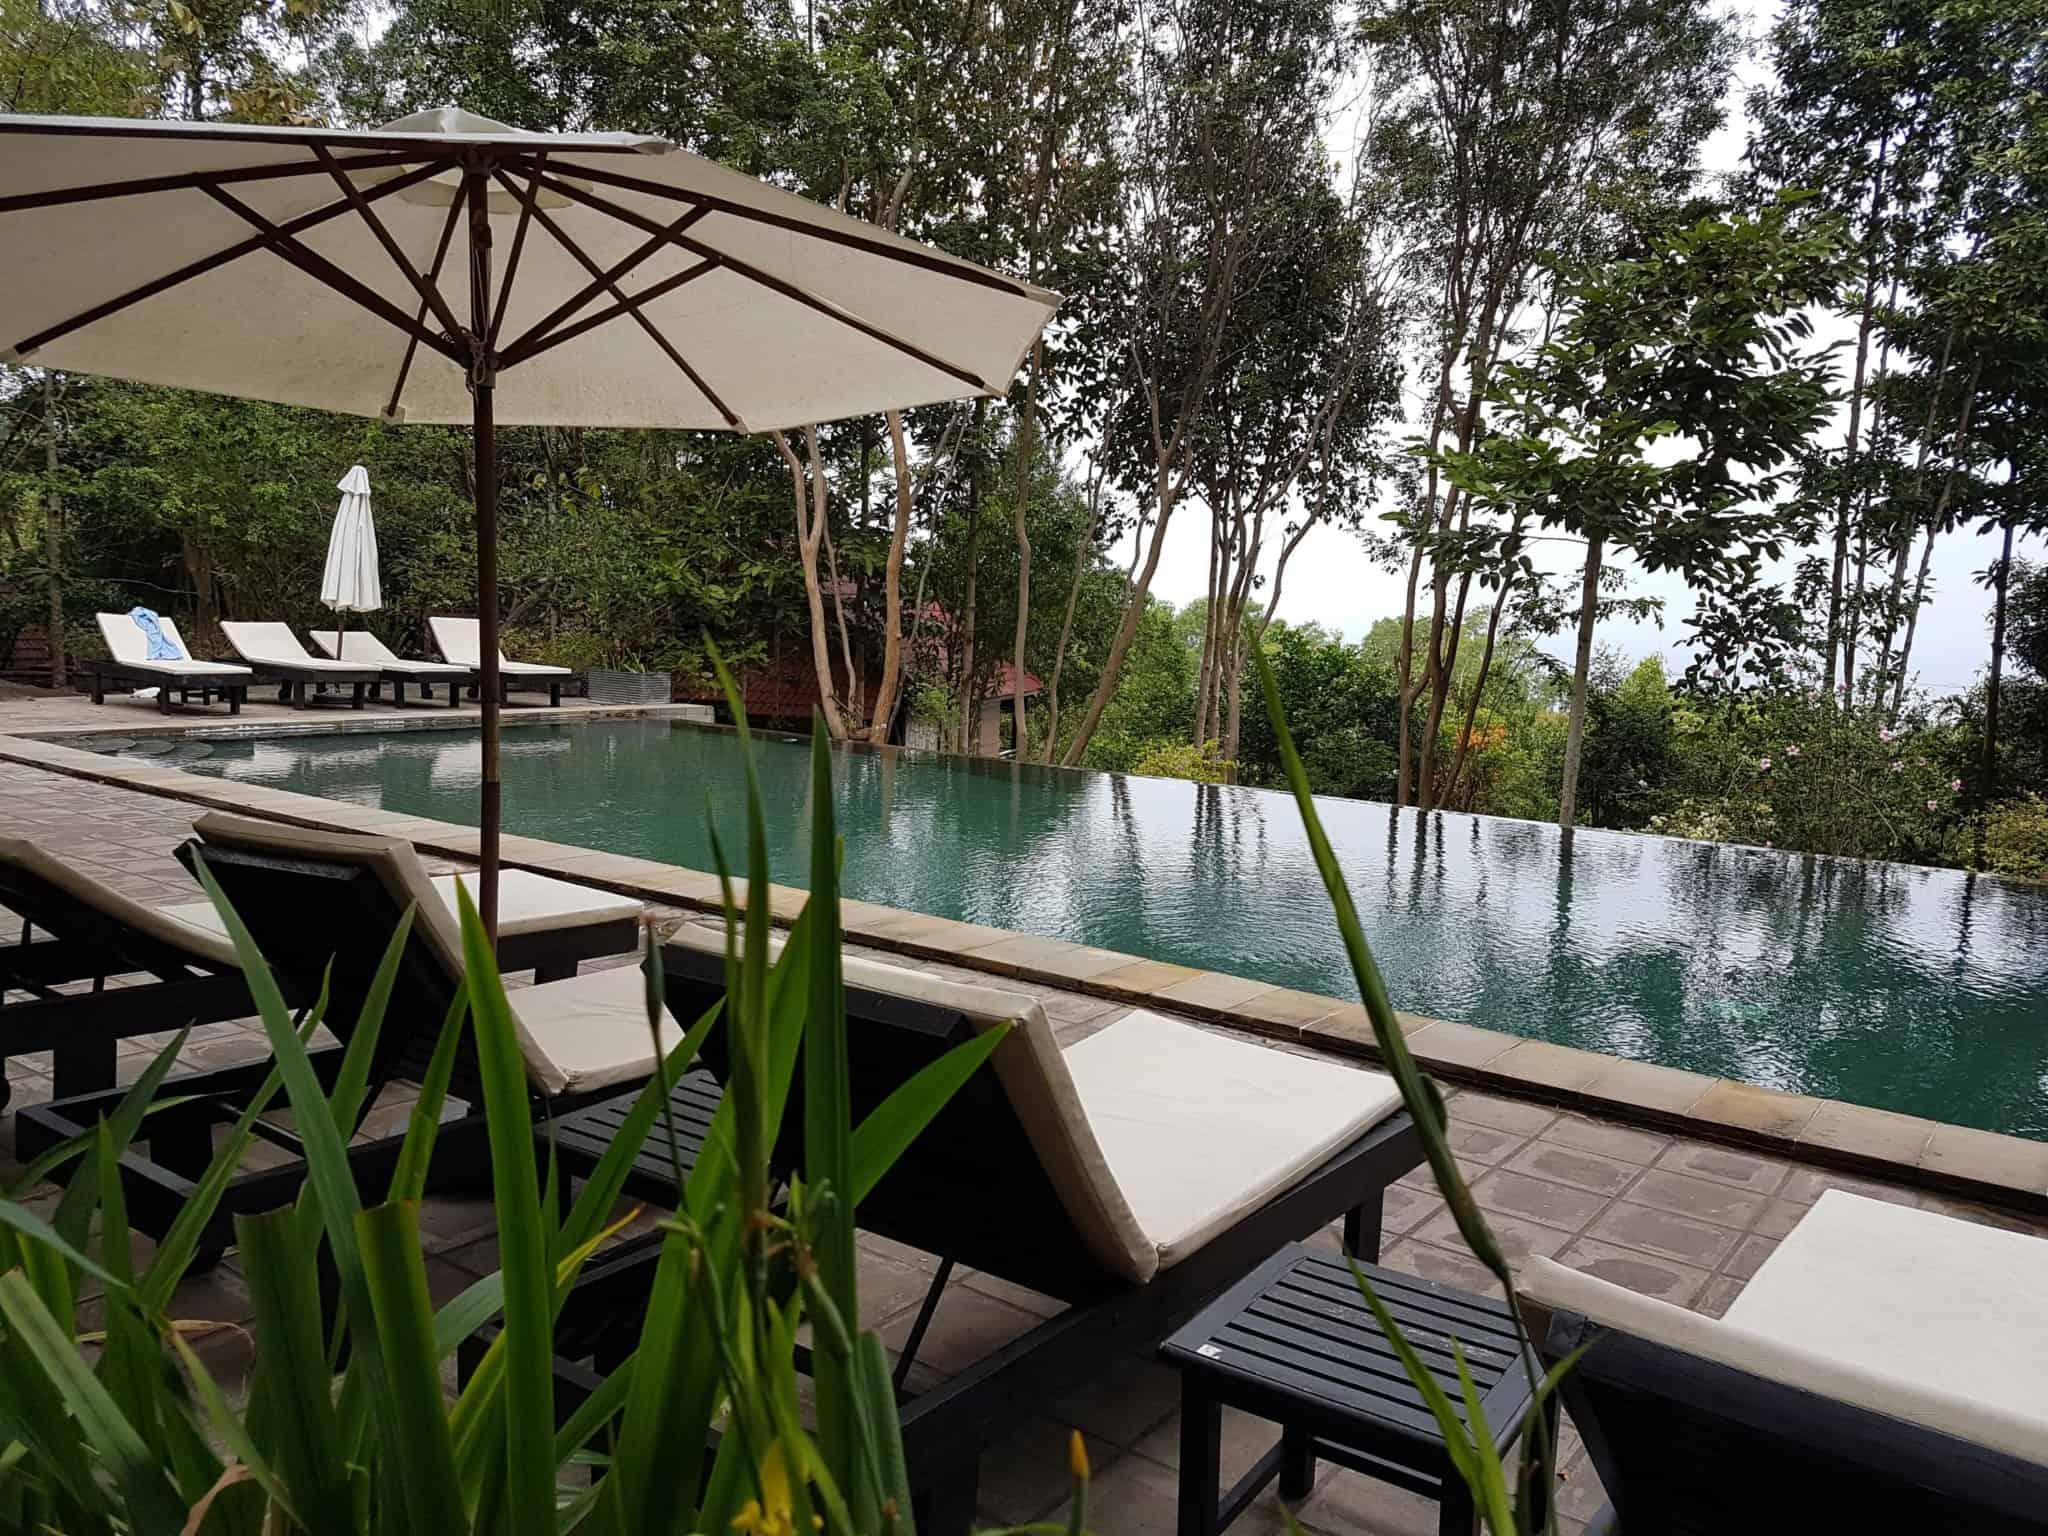 Cambodge, 4 jours au paradis dans le plus bel hôtel de Sihanoukville 😍 6